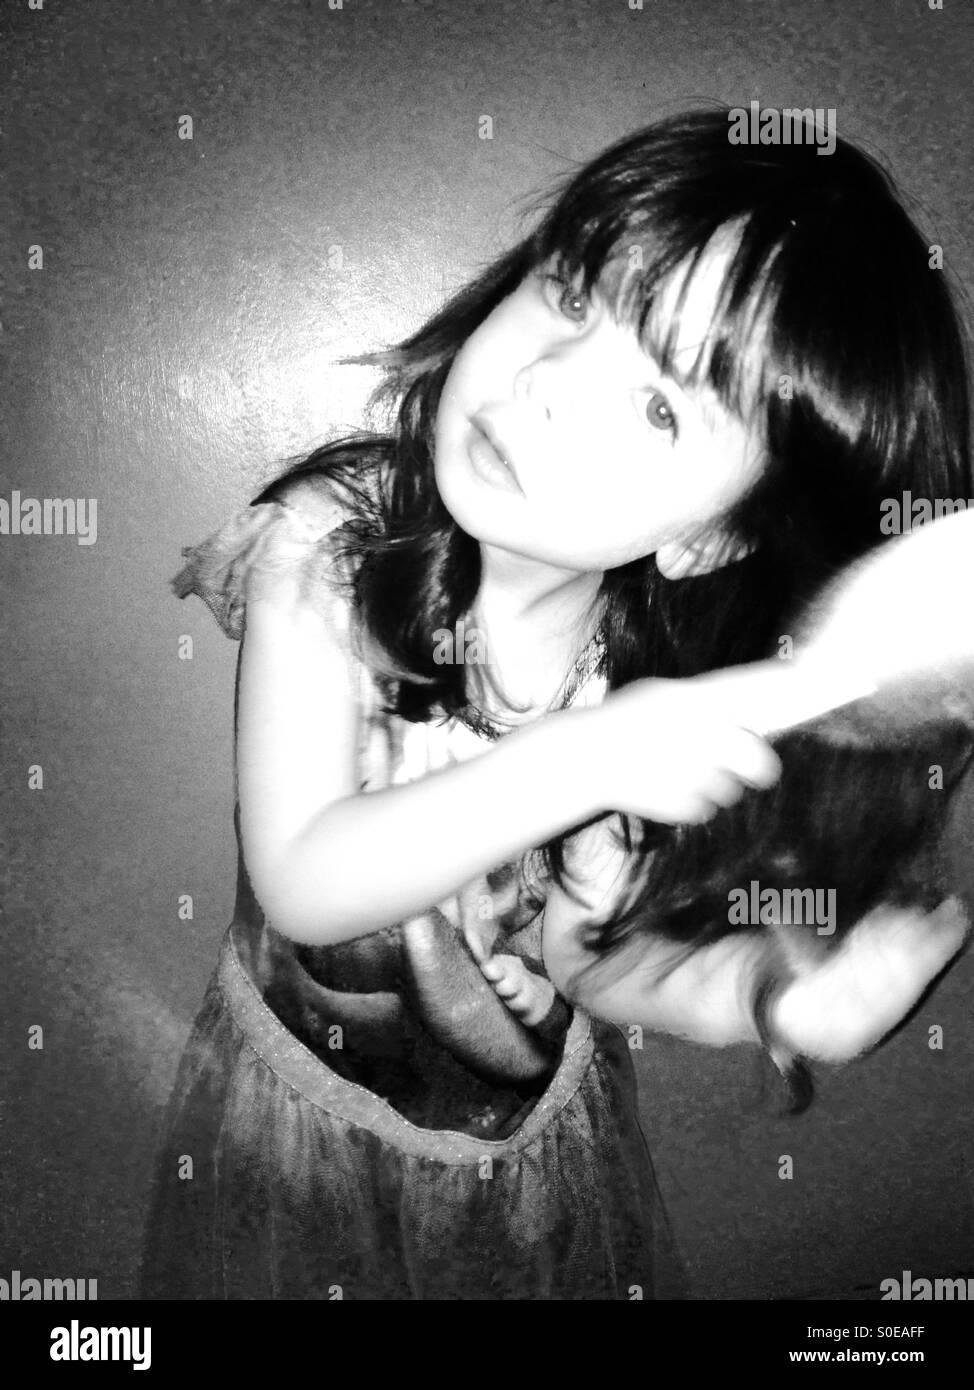 3 - Jahre altes Mädchen, die ihre langen Haare Bürsten Stockbild